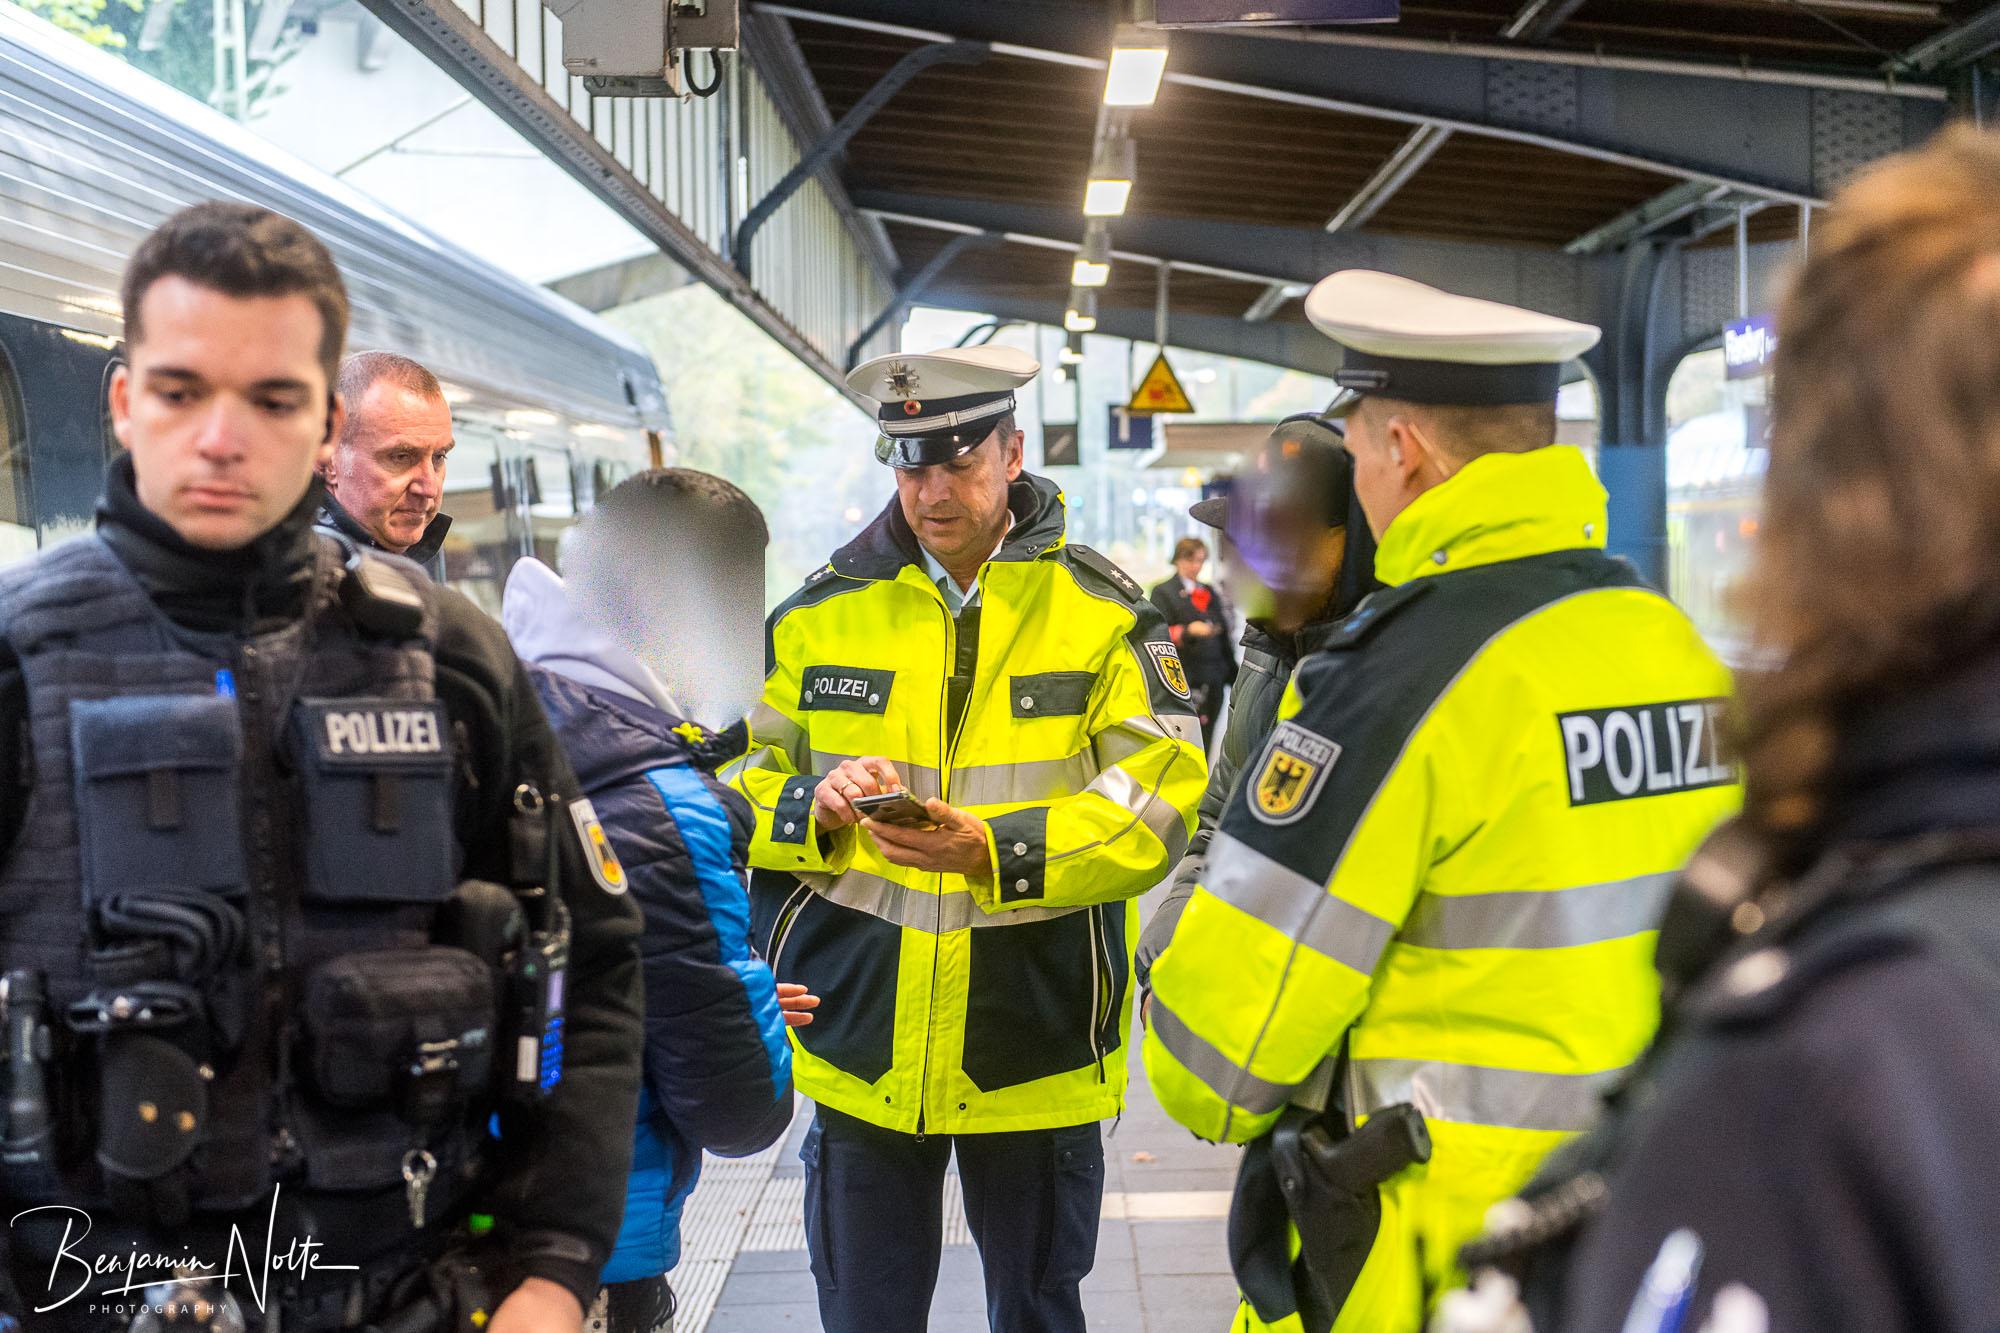 Bundespolizei_Flensburg_012